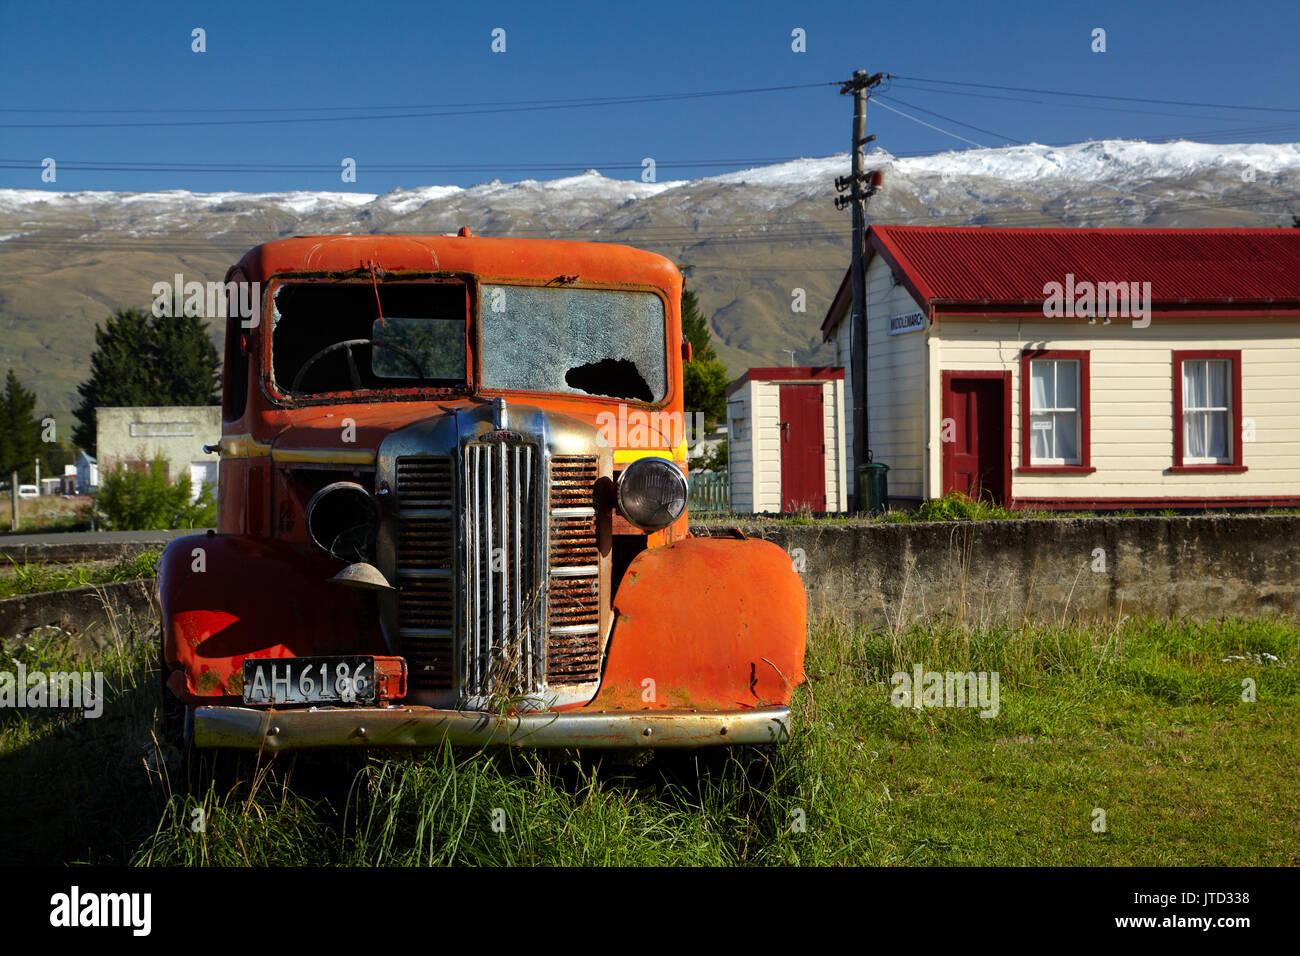 Vintage Austin carretilla y Middlemarch Railway Station, Strath Taieri, Otago, Isla del Sur, Nueva Zelanda Foto de stock